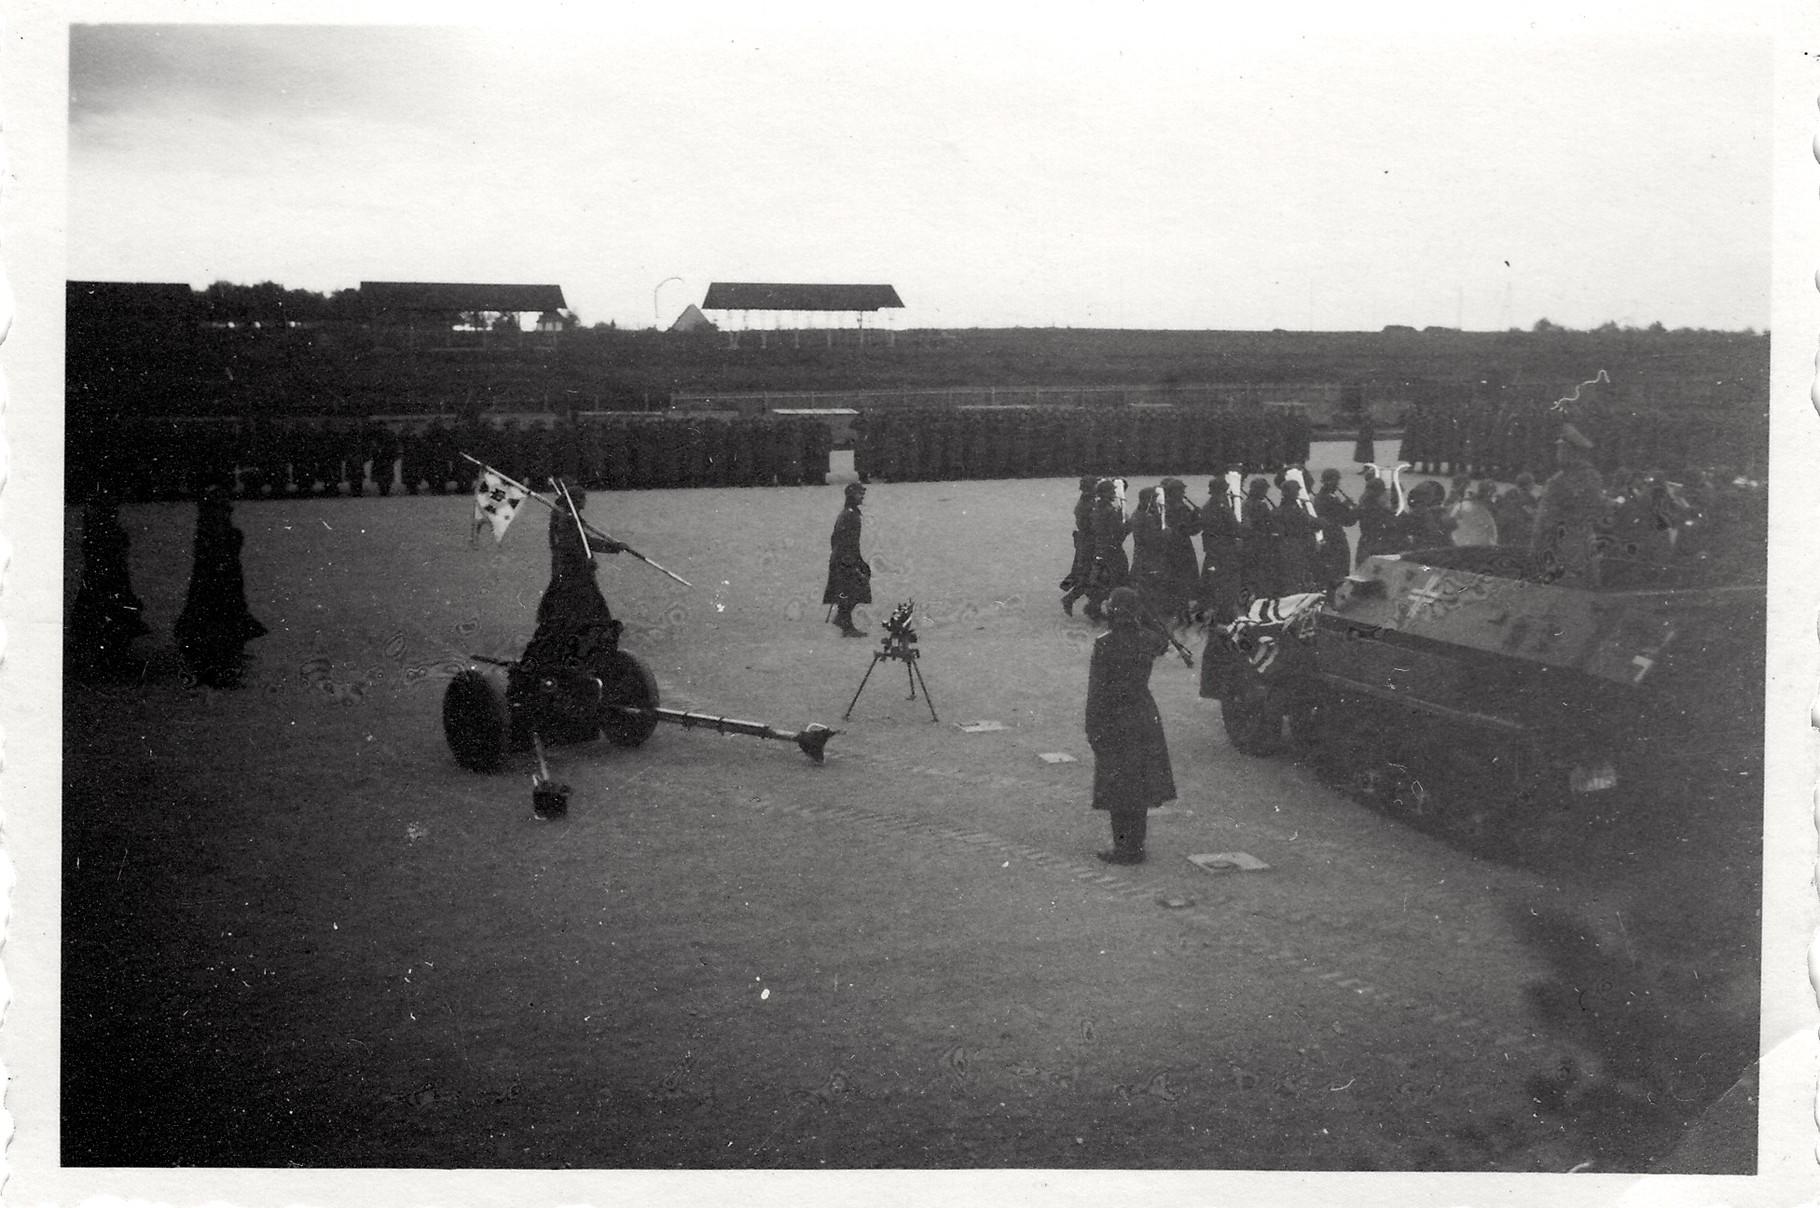 Vereidigungszeremonie in der Schweinfurter Kaserne